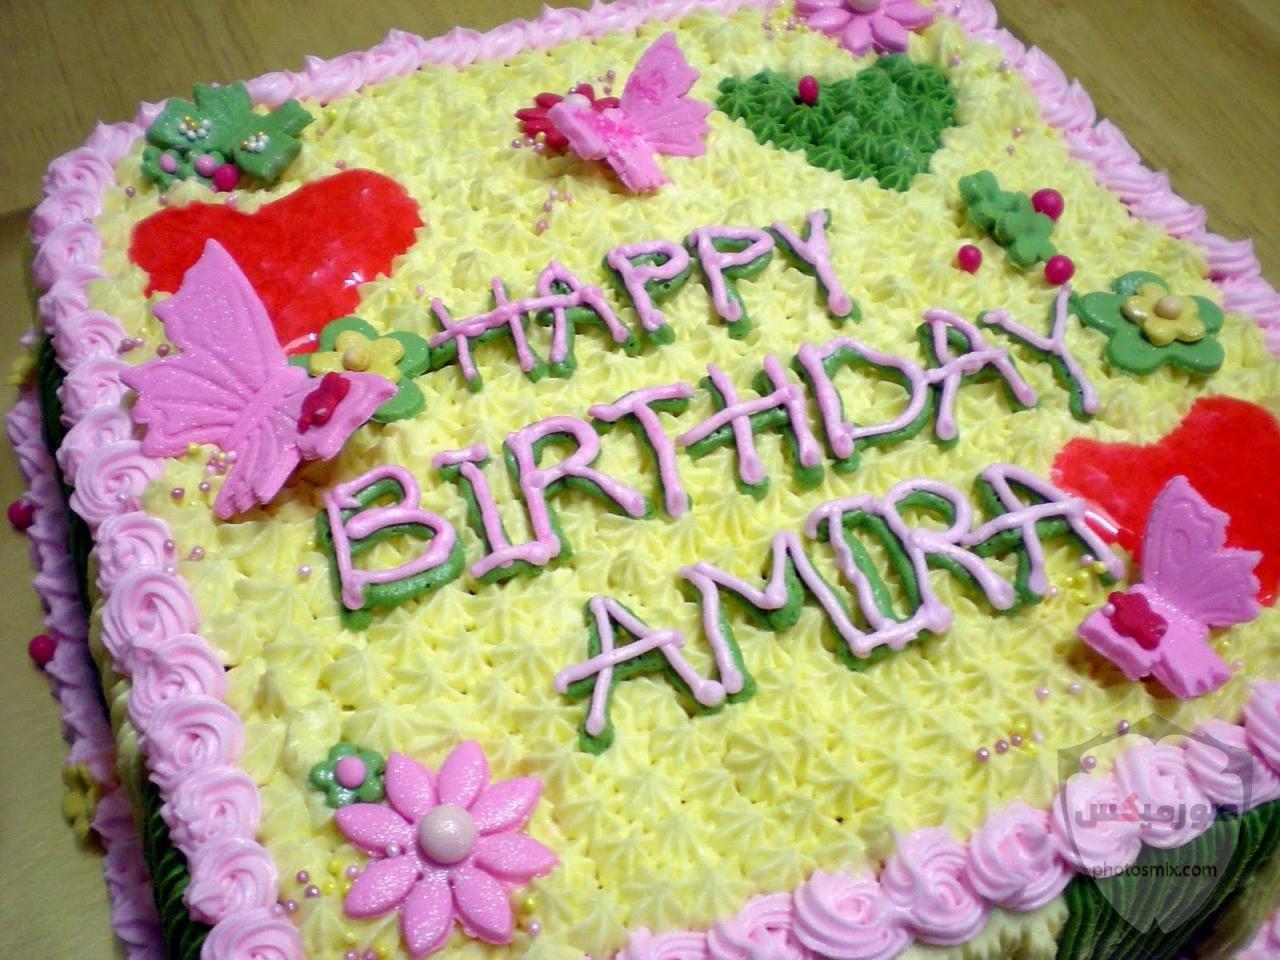 صور عيد ميلاد سعيد 2020 صور تورتة تهنئة لأعياد الميلاد 2021 صور happy birth day 59